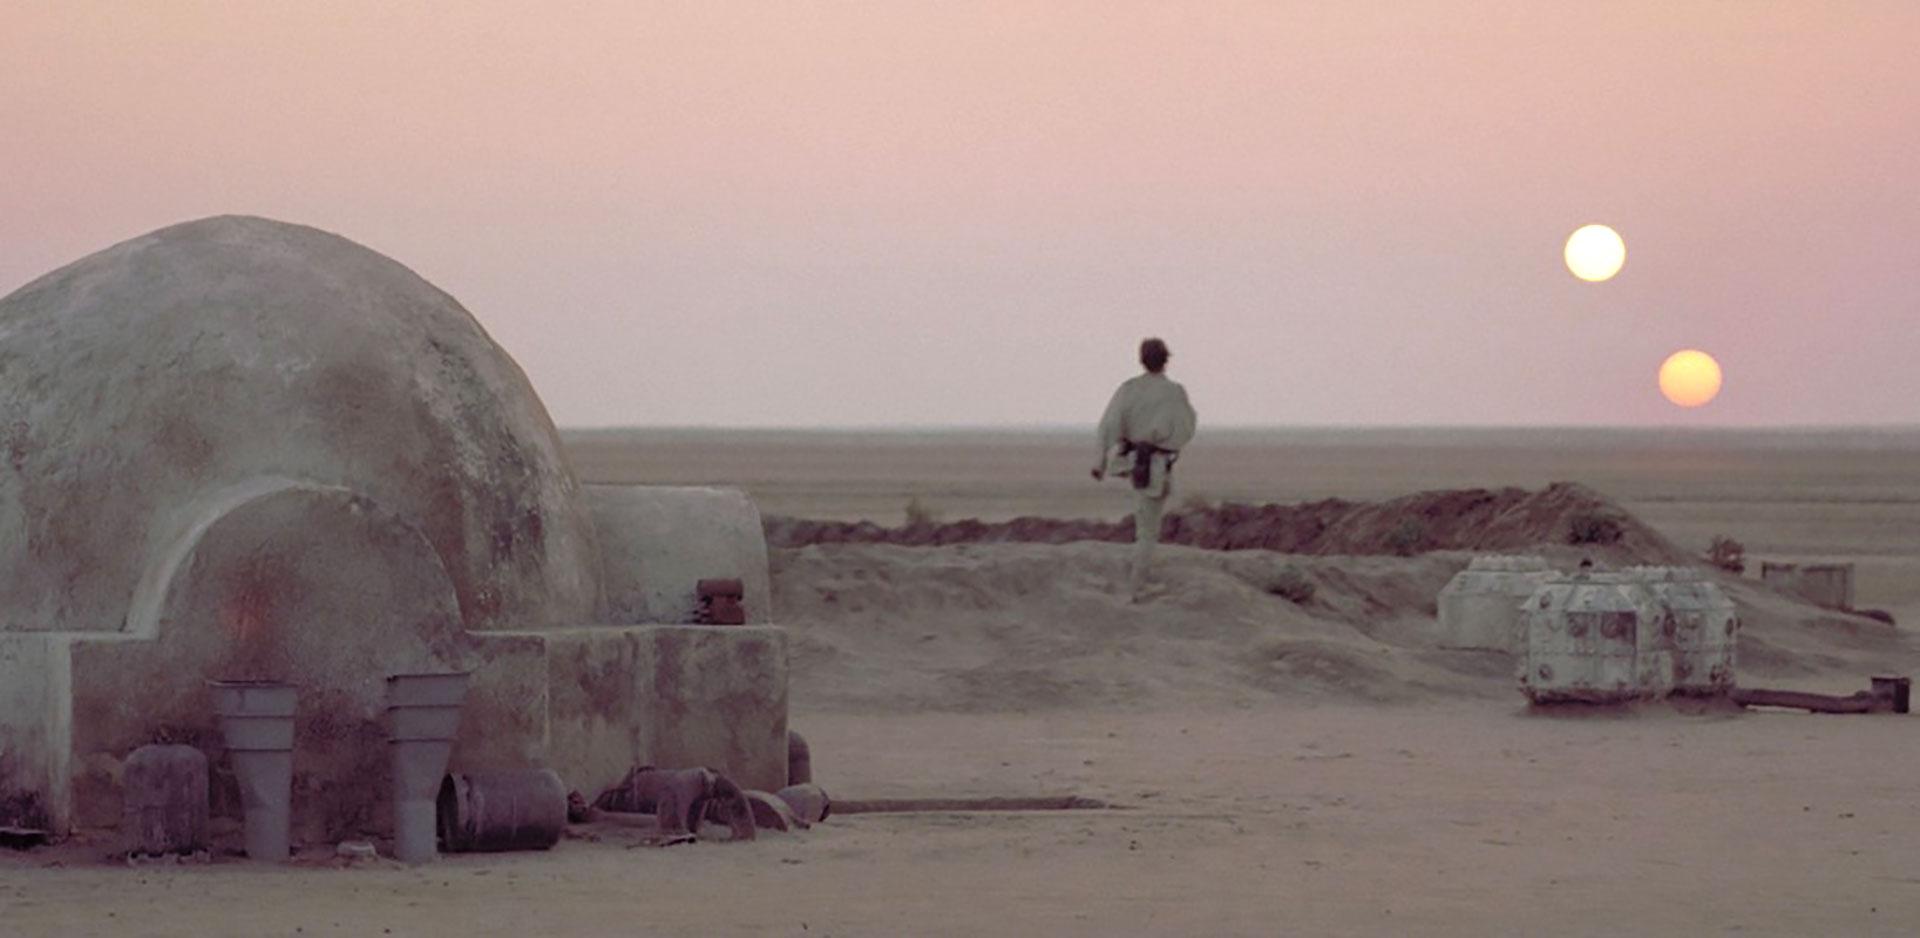 El planeta hogar de Luke Skywalker tuvo como locación Túnez, el país de África del Norte